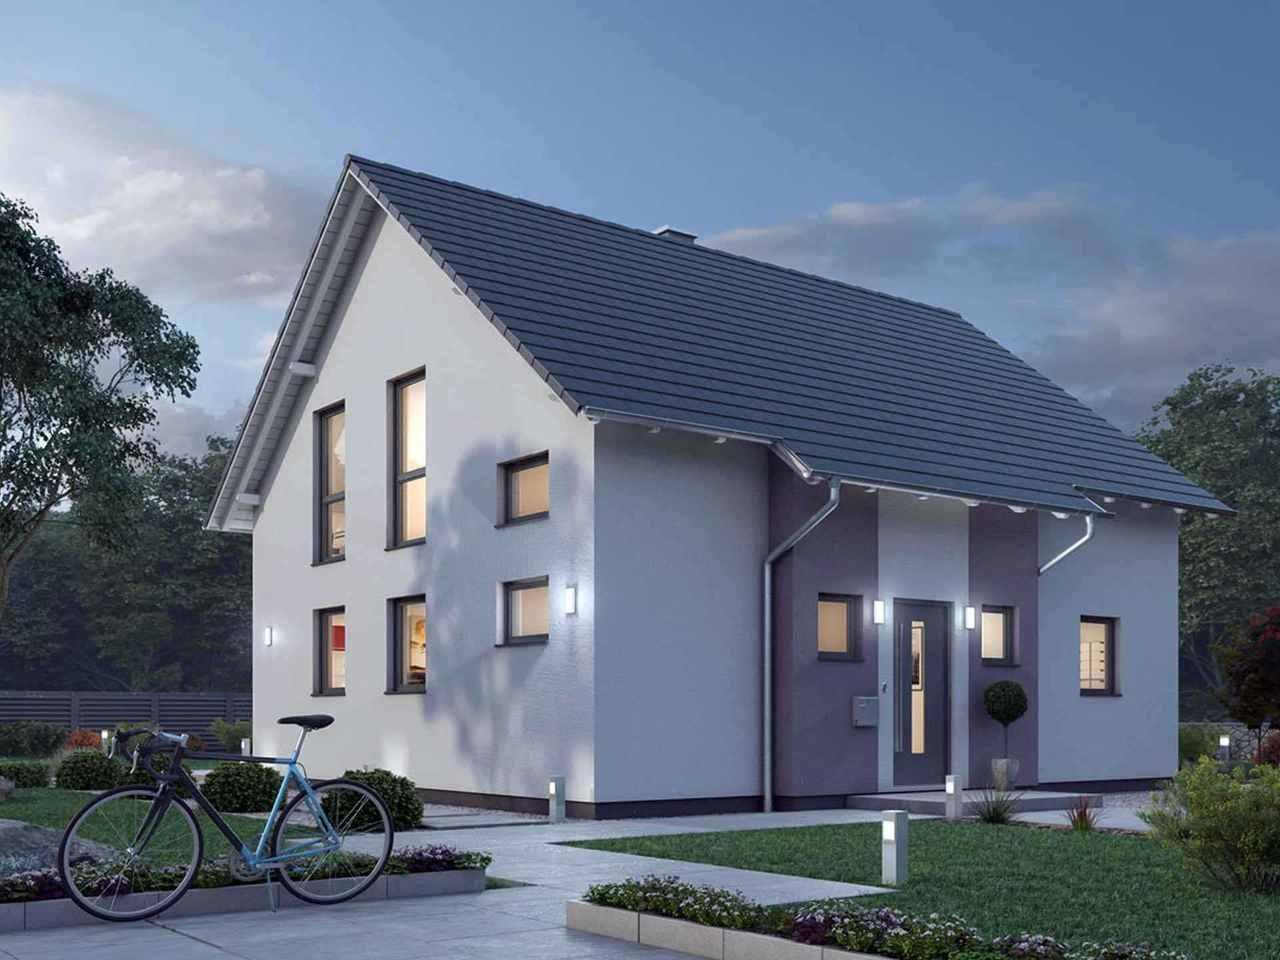 Einfamilienhaus 136 - Ytong Bausatzhaus